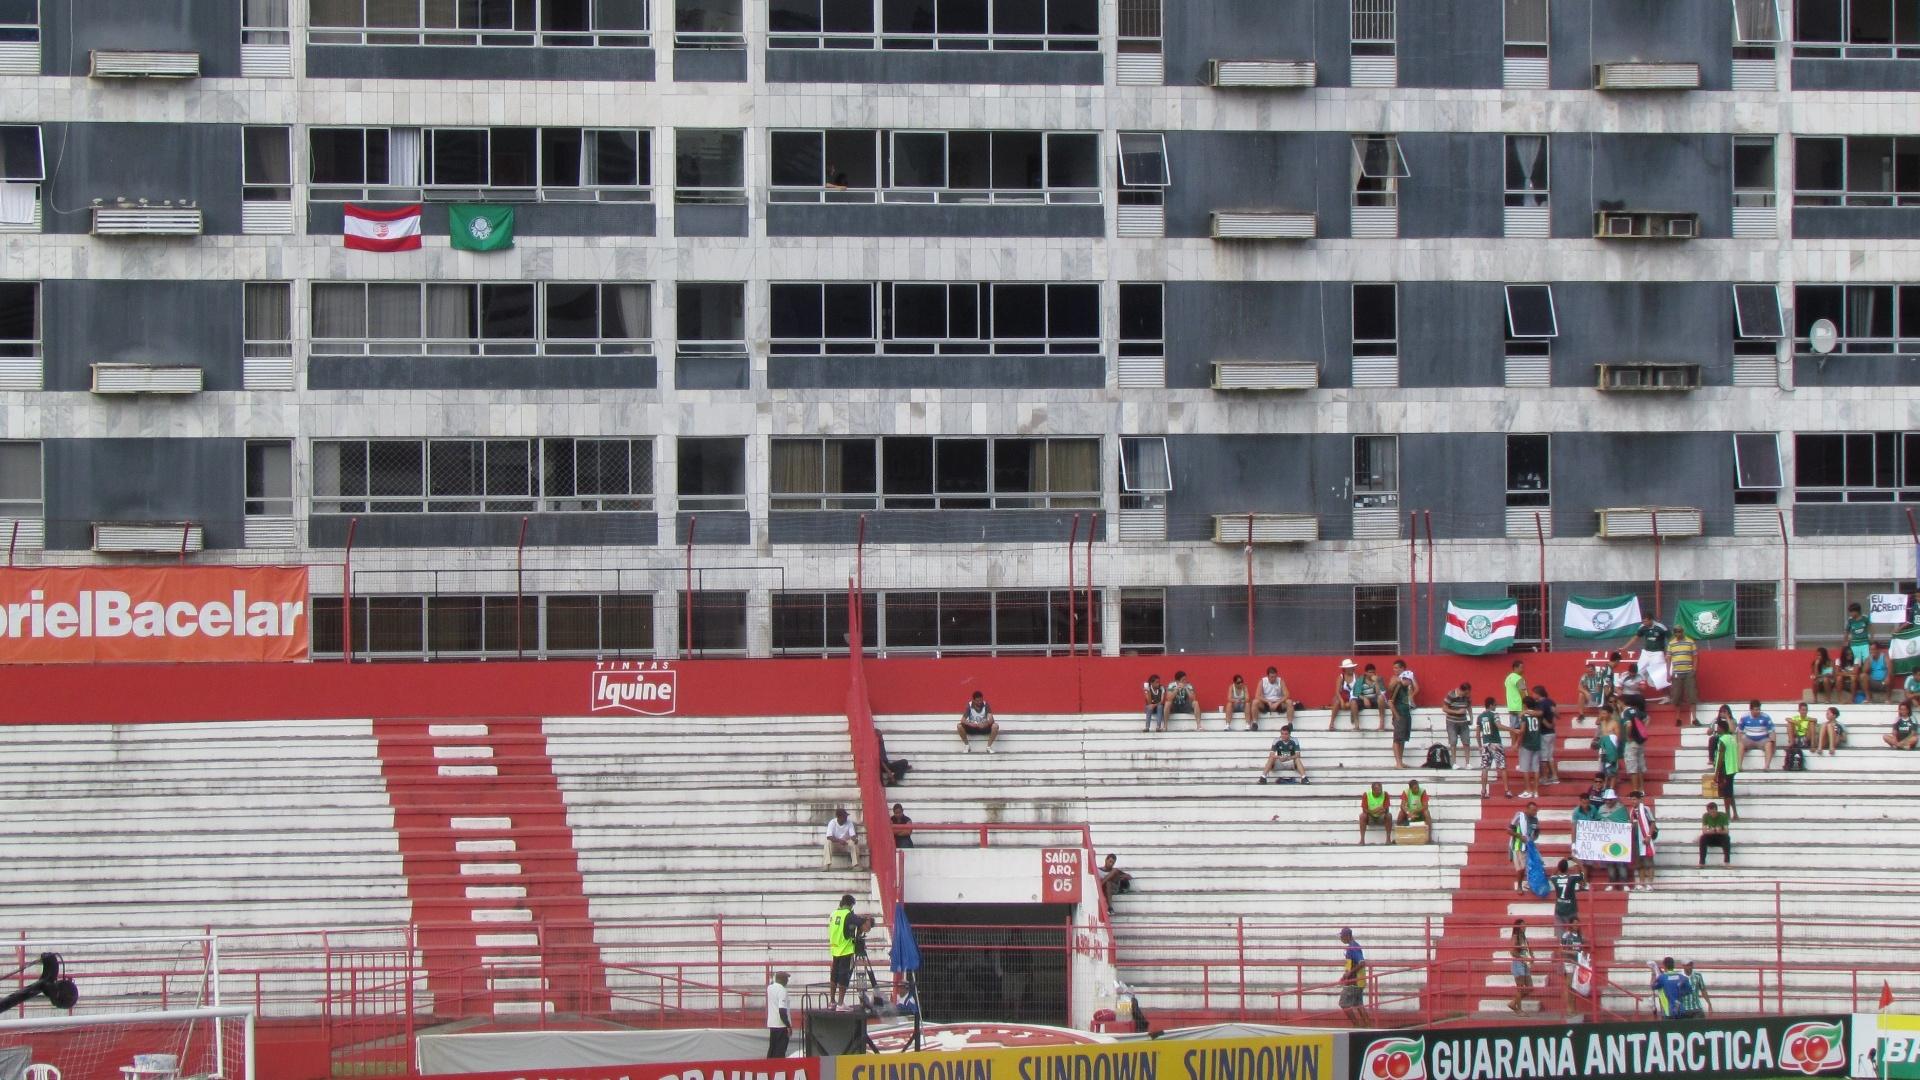 Bandeira do Palmeiras é hasteada em prédio ao lado dos Aflitos perto do setor de visitante